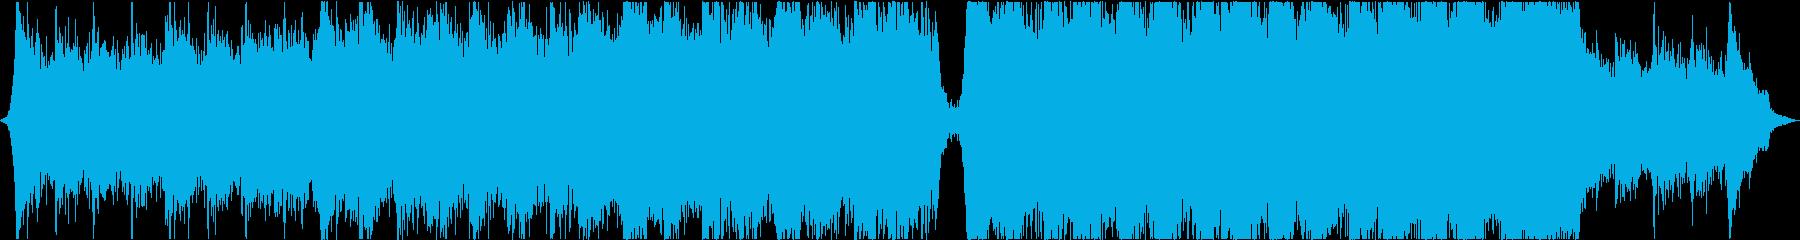 エピックアドベンチャーオーケストラの再生済みの波形